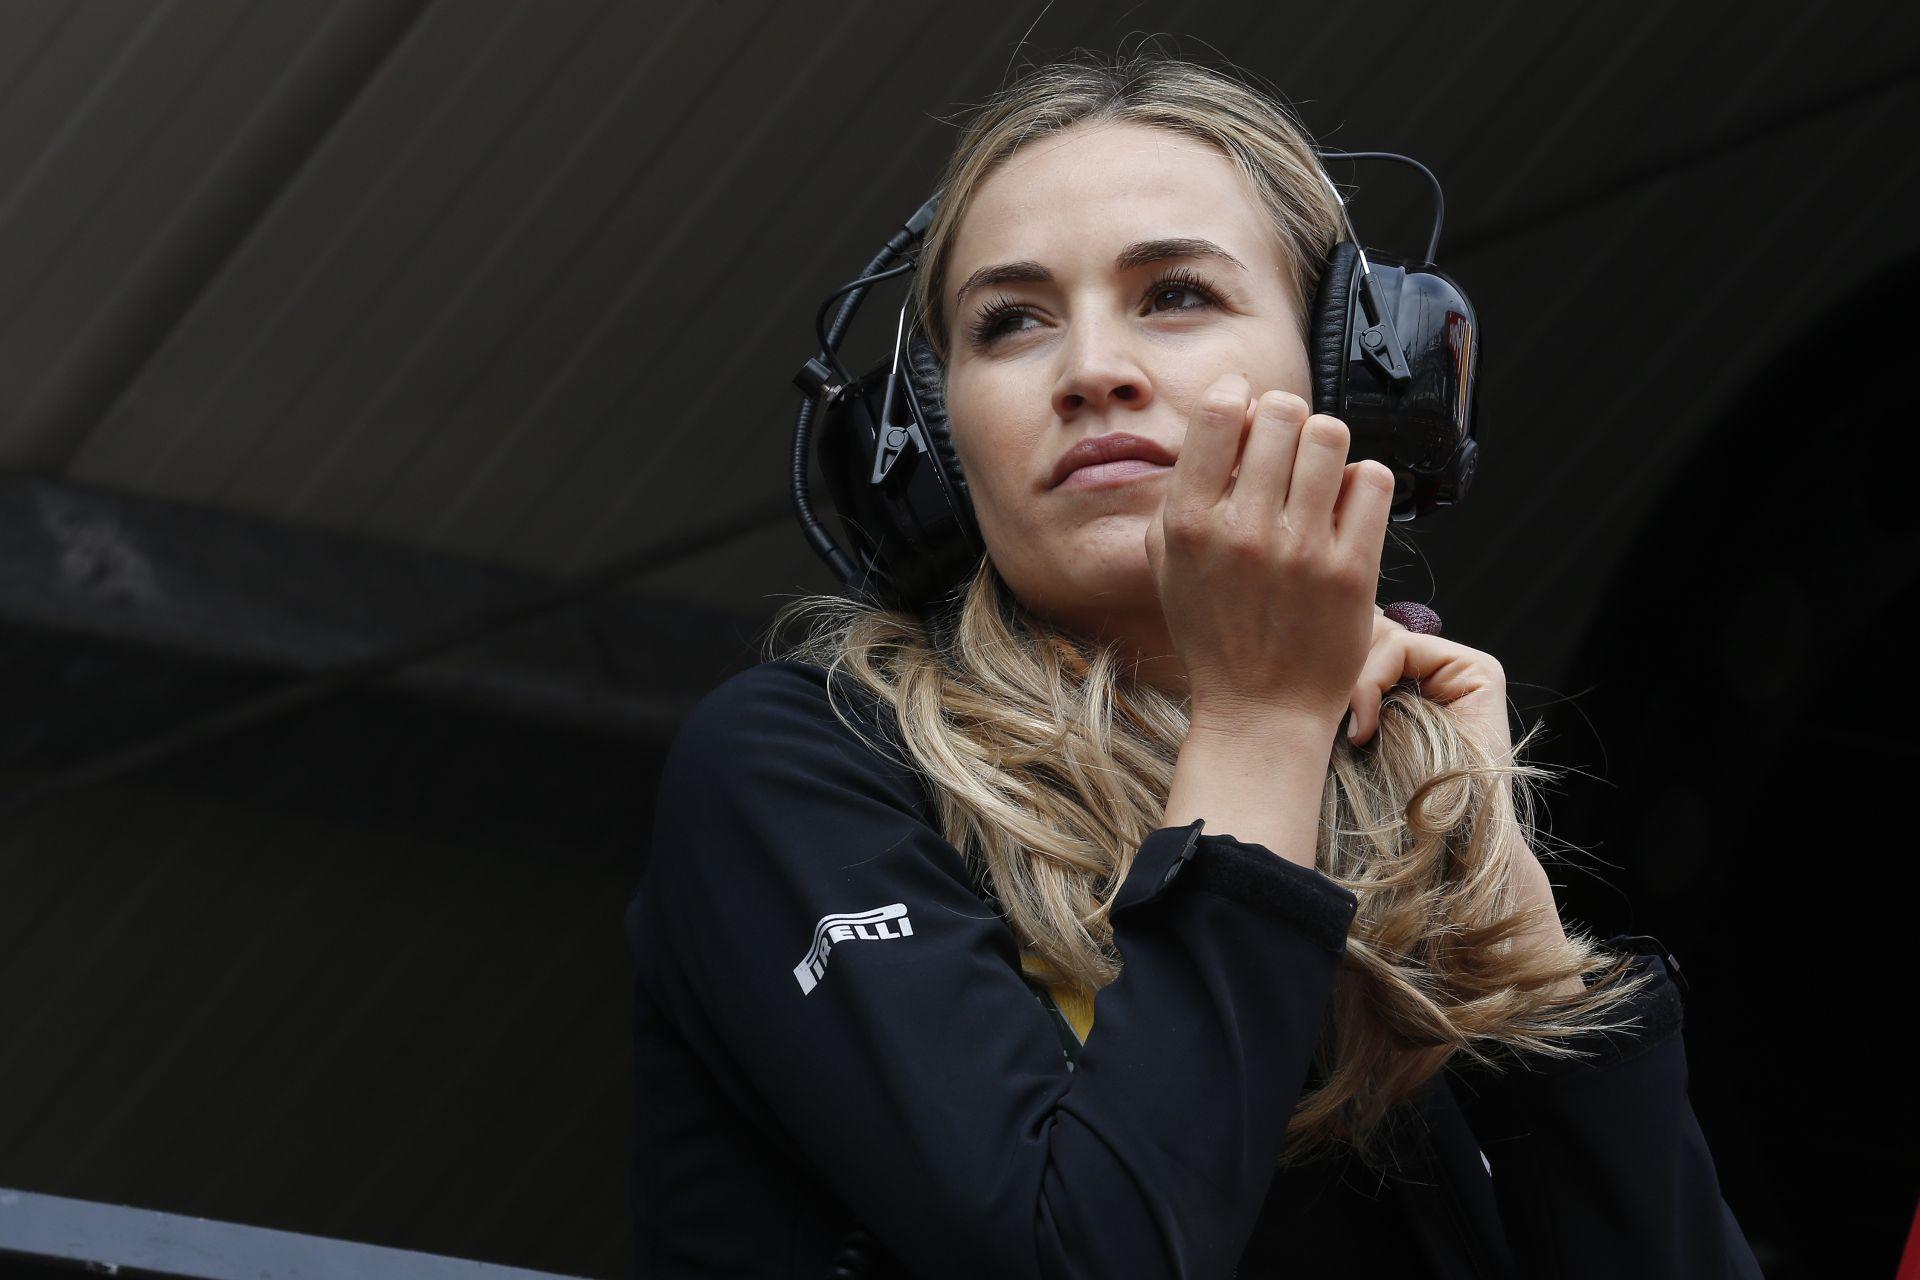 Carmen Jorda is ott figyel a Renault garázsában!